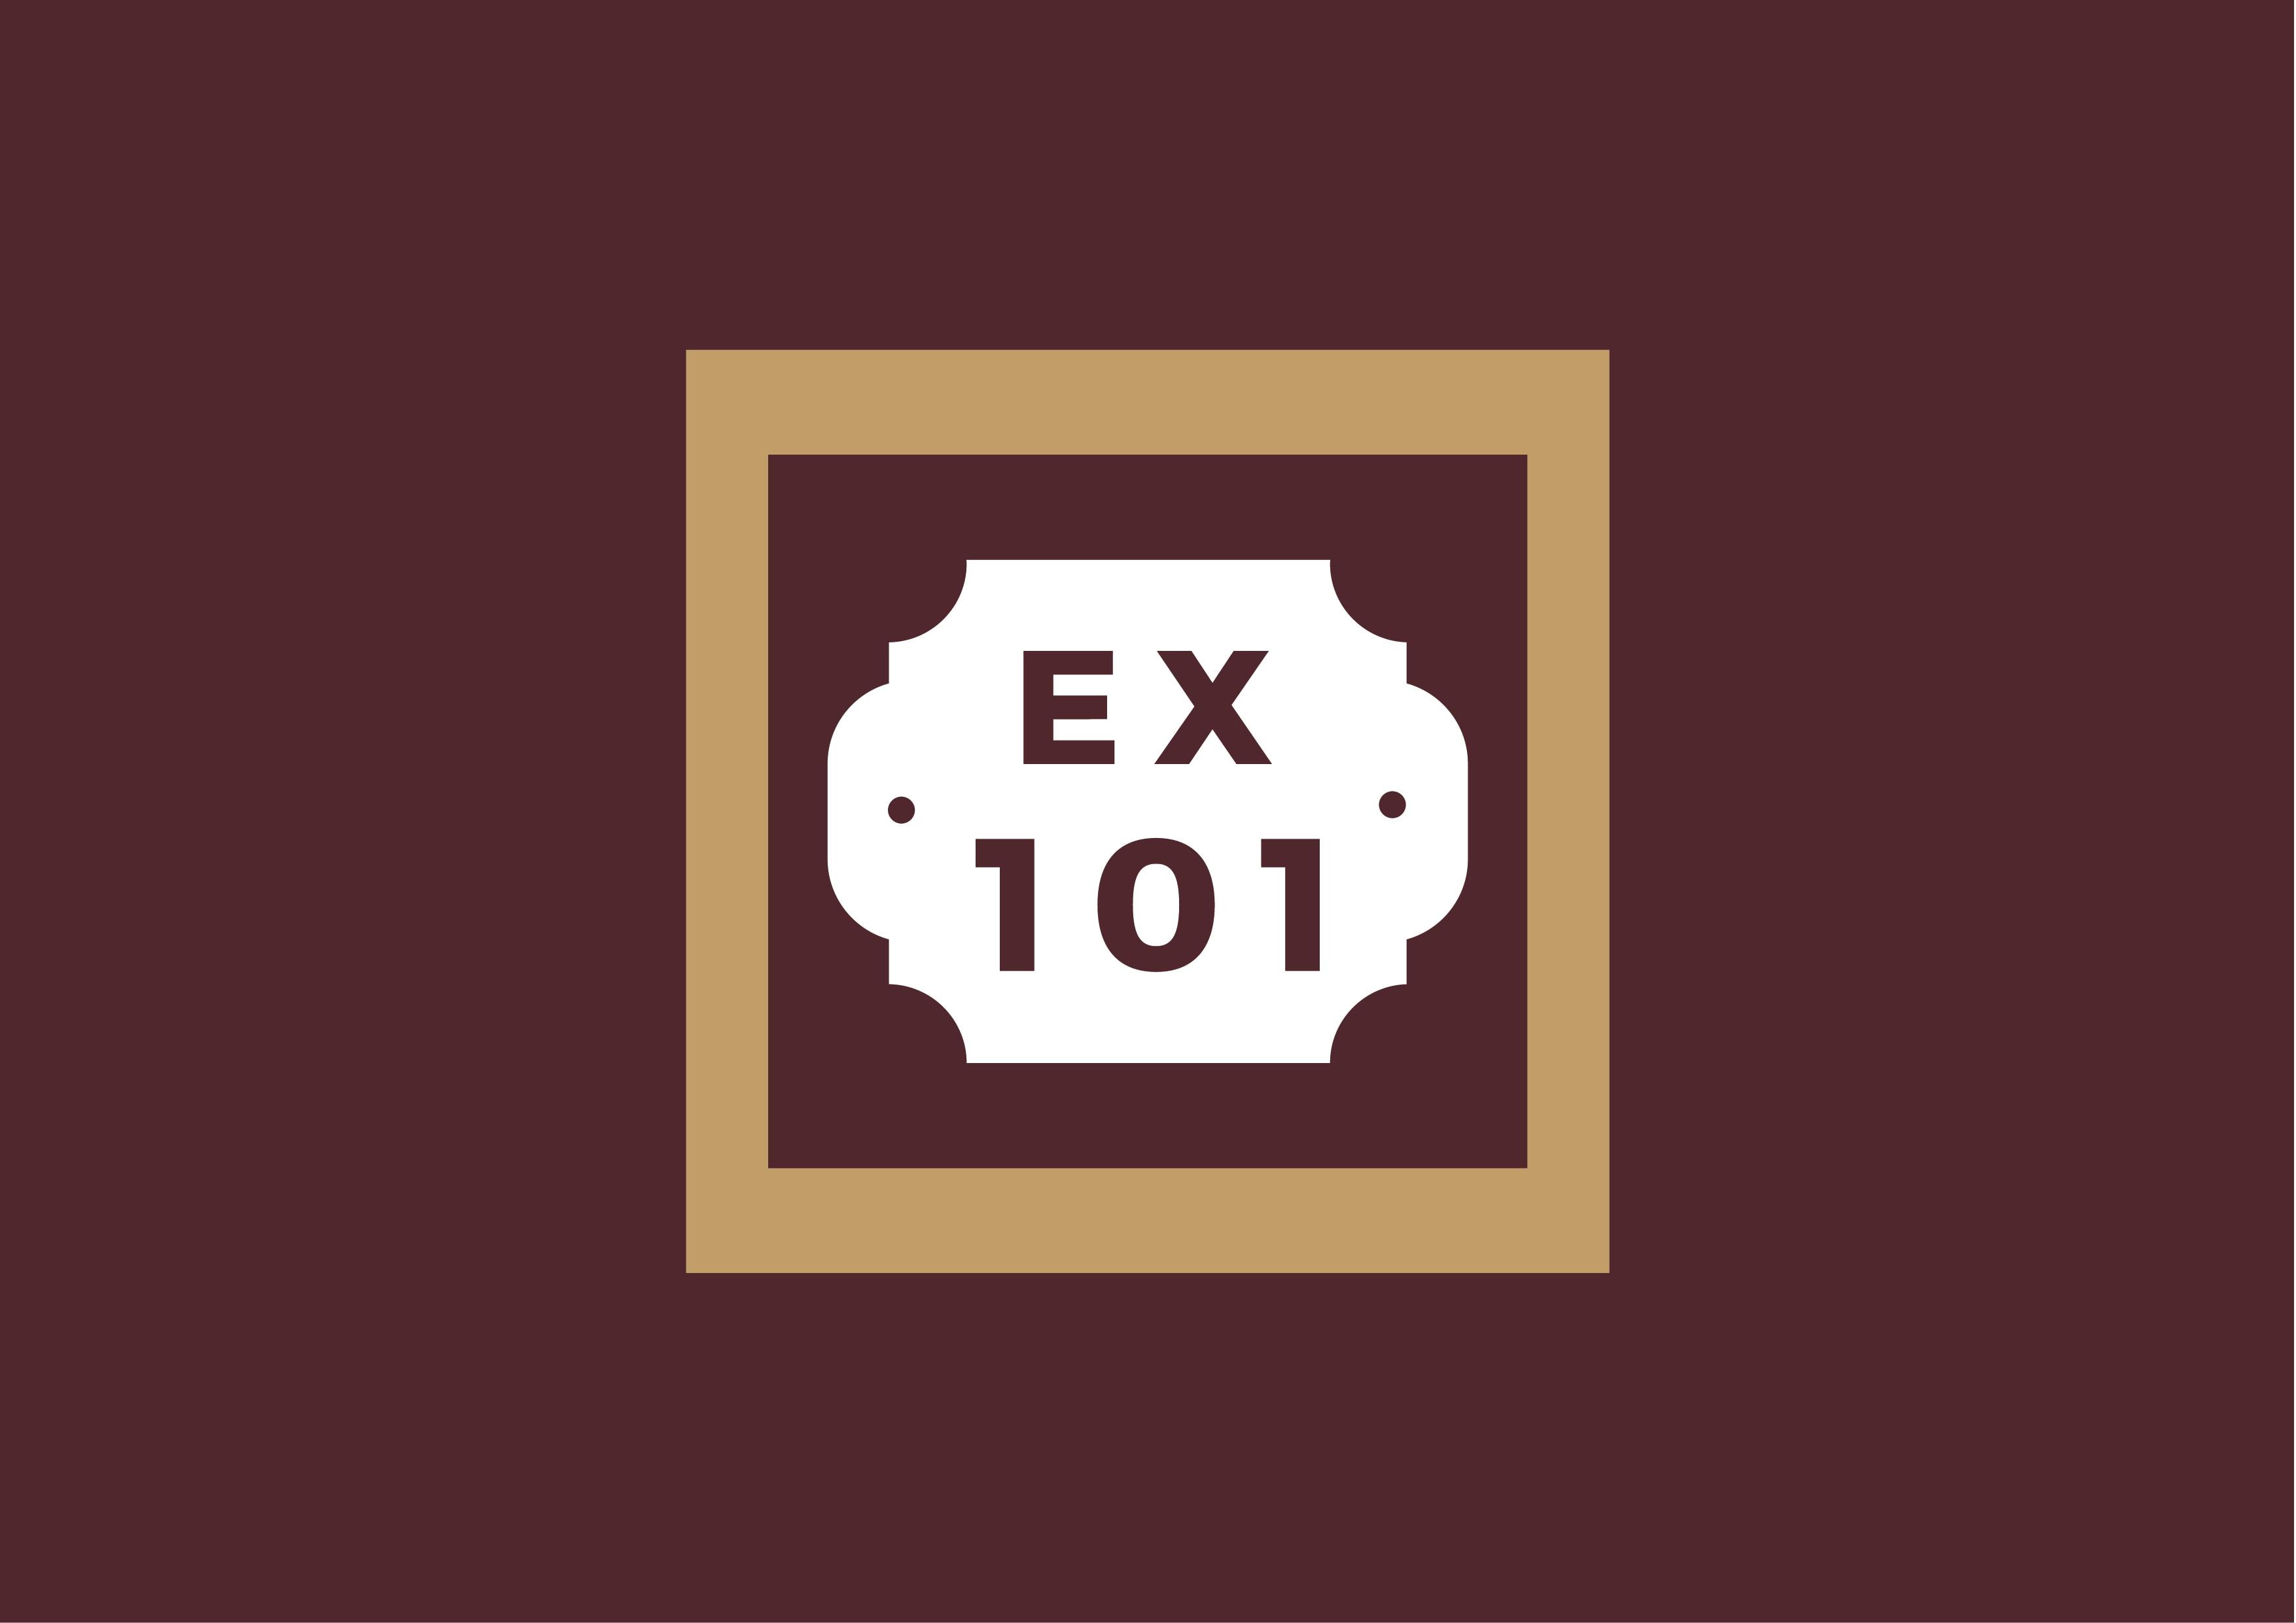 Executivity 101